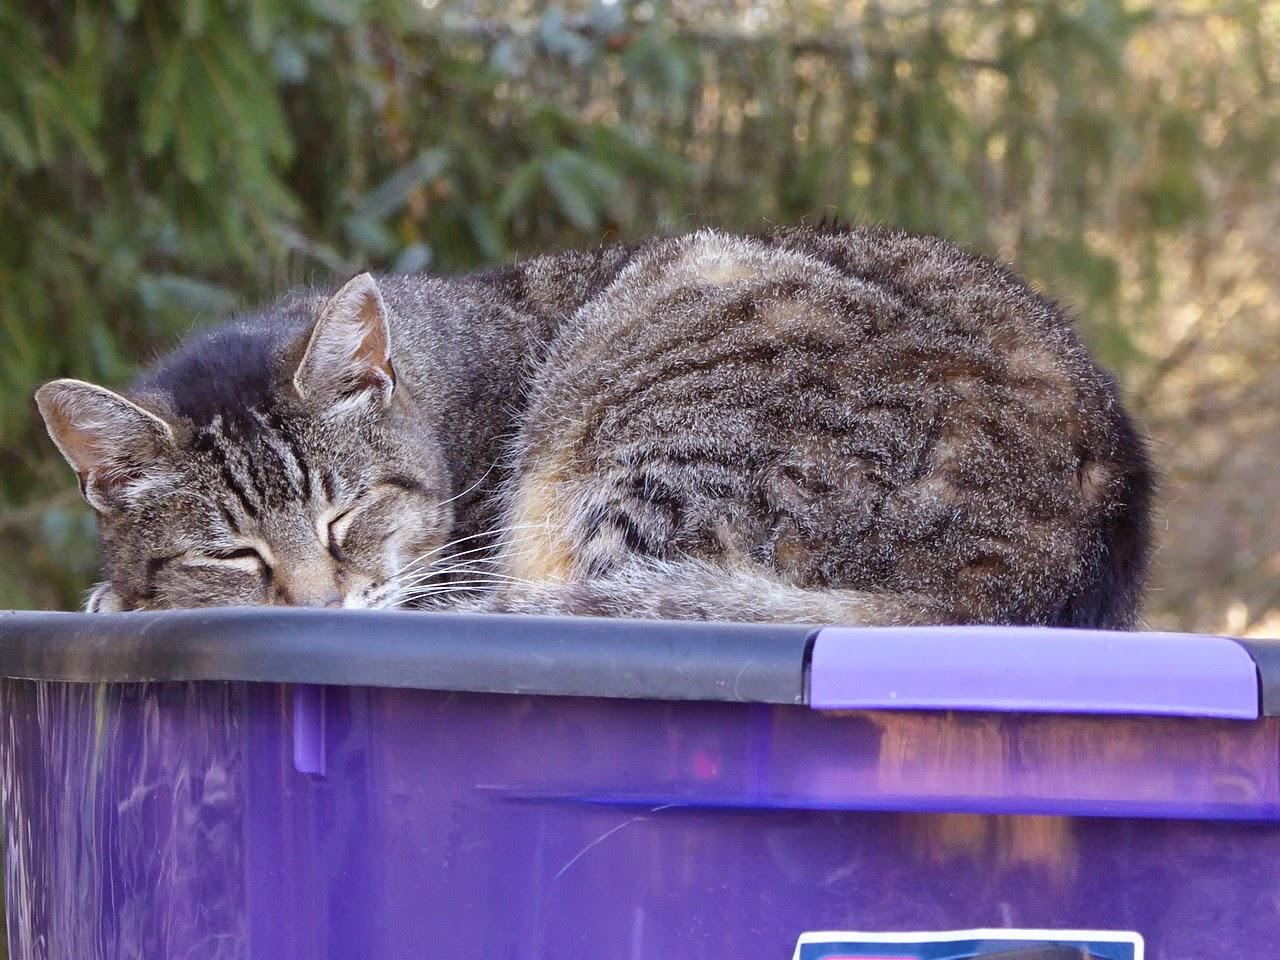 Gizmo the tabby cat sleeps